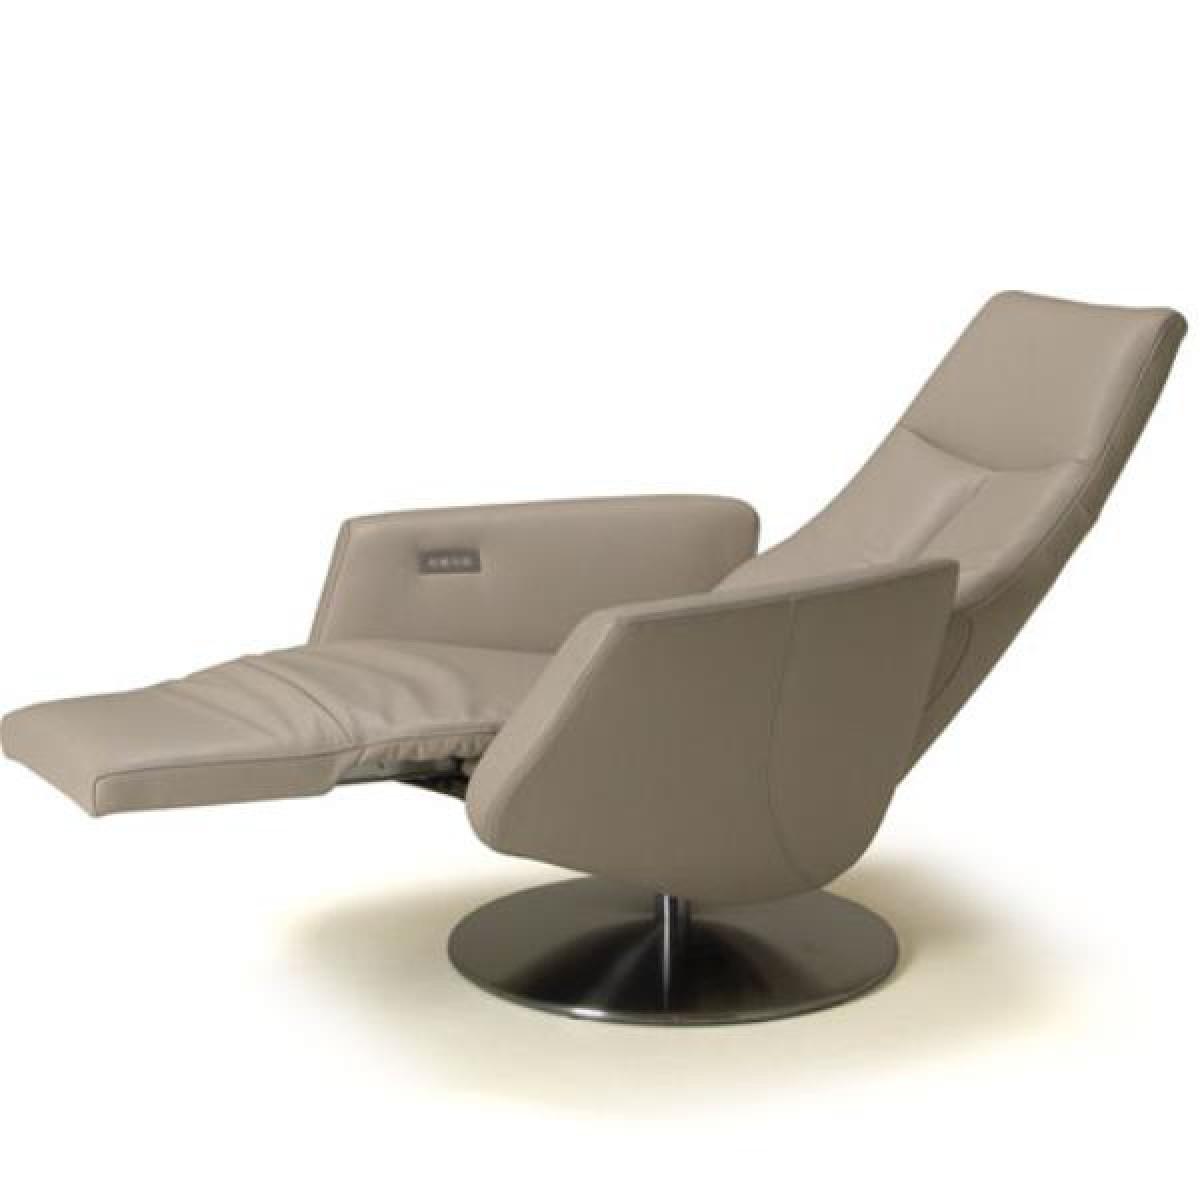 twice-007-relaxfauteuil-de toekomst-uitgeklapt